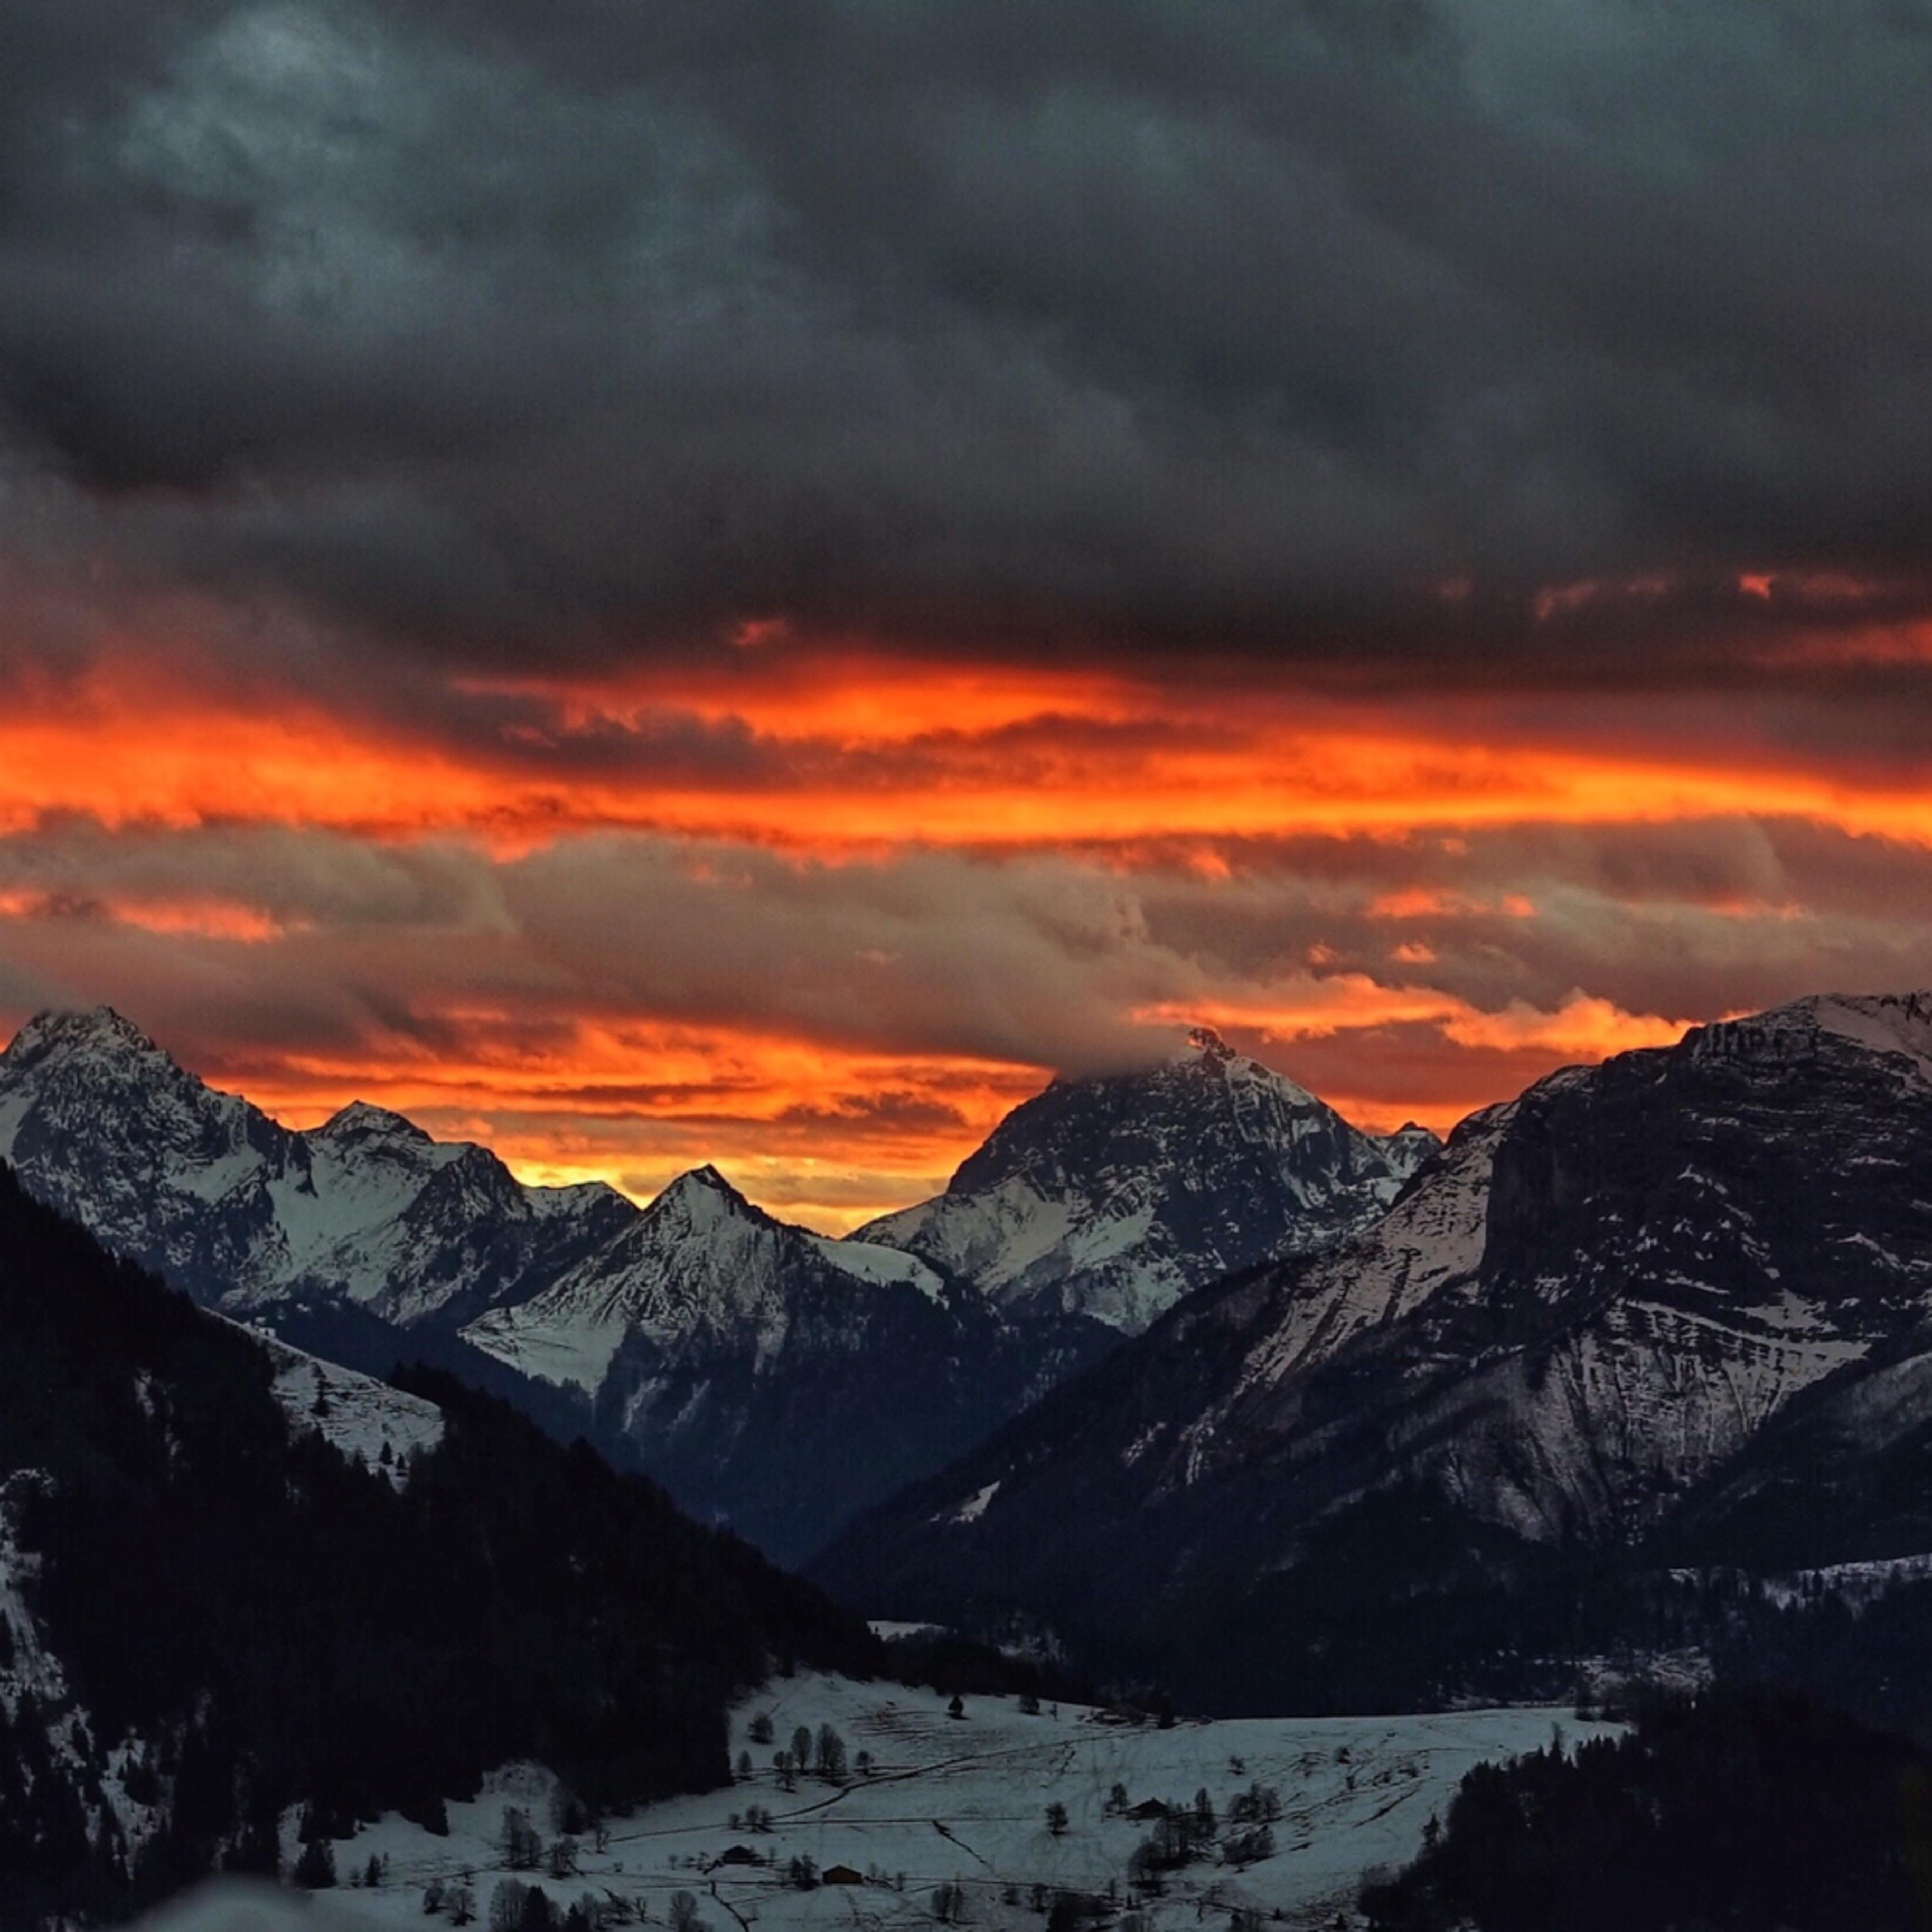 Swiss skies j75pph